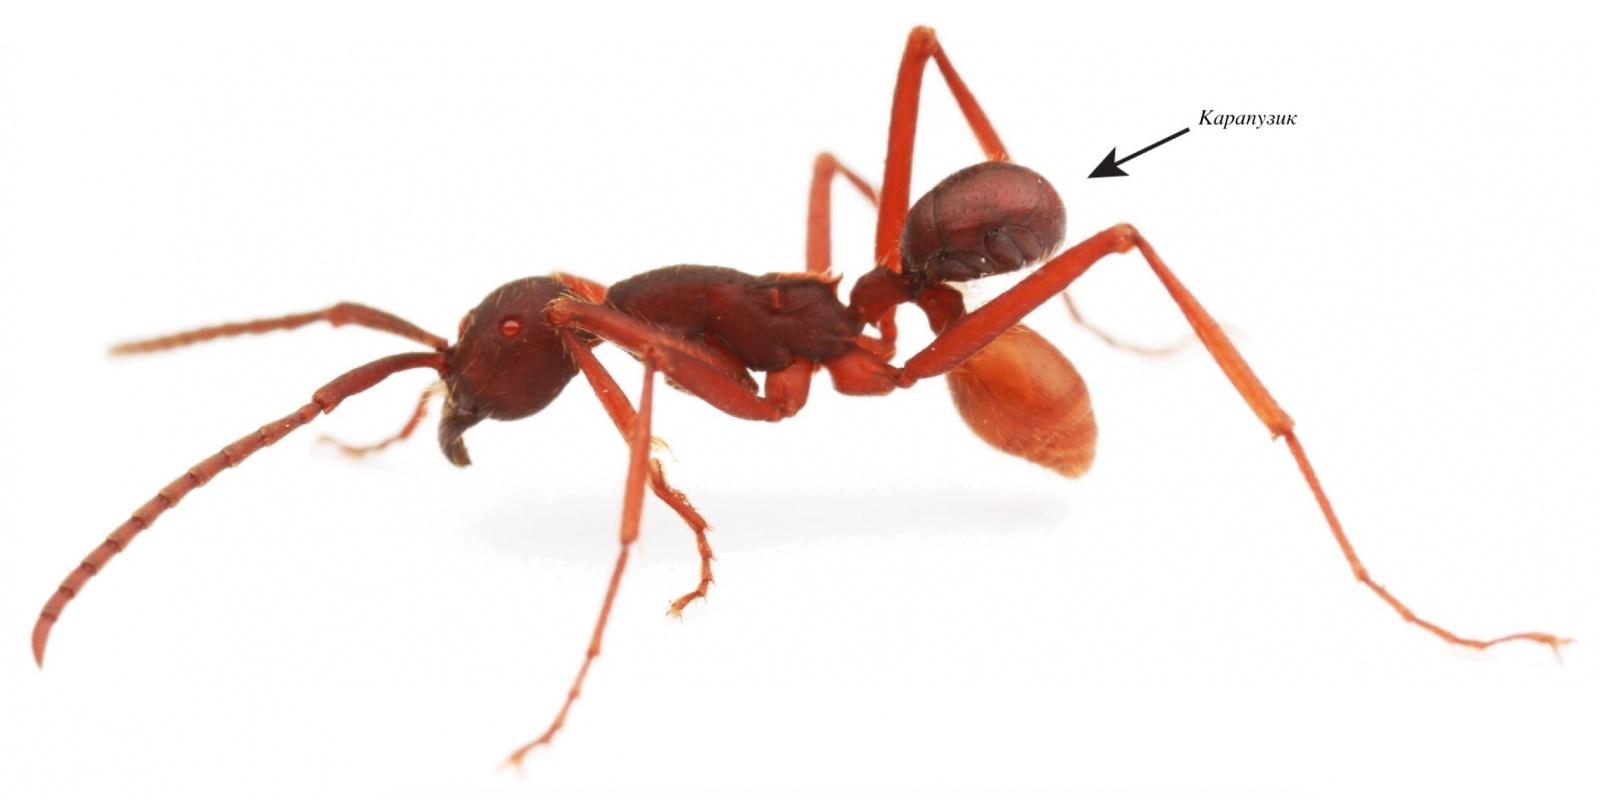 Карапузик верхом на муравье: 100 миллионов лет мирмекофилии - 1